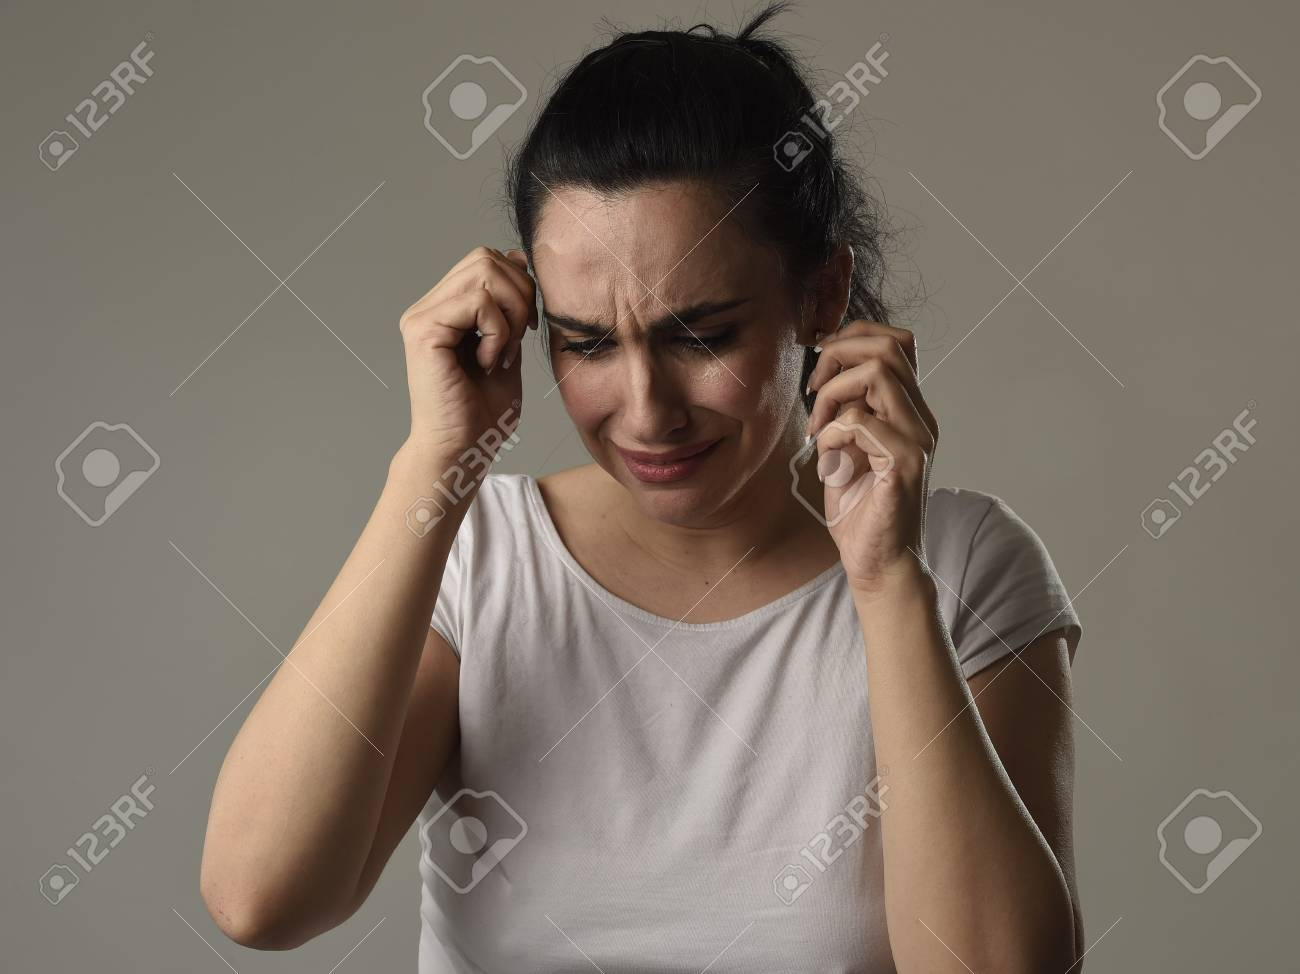 うつ 病 顔 の 表情